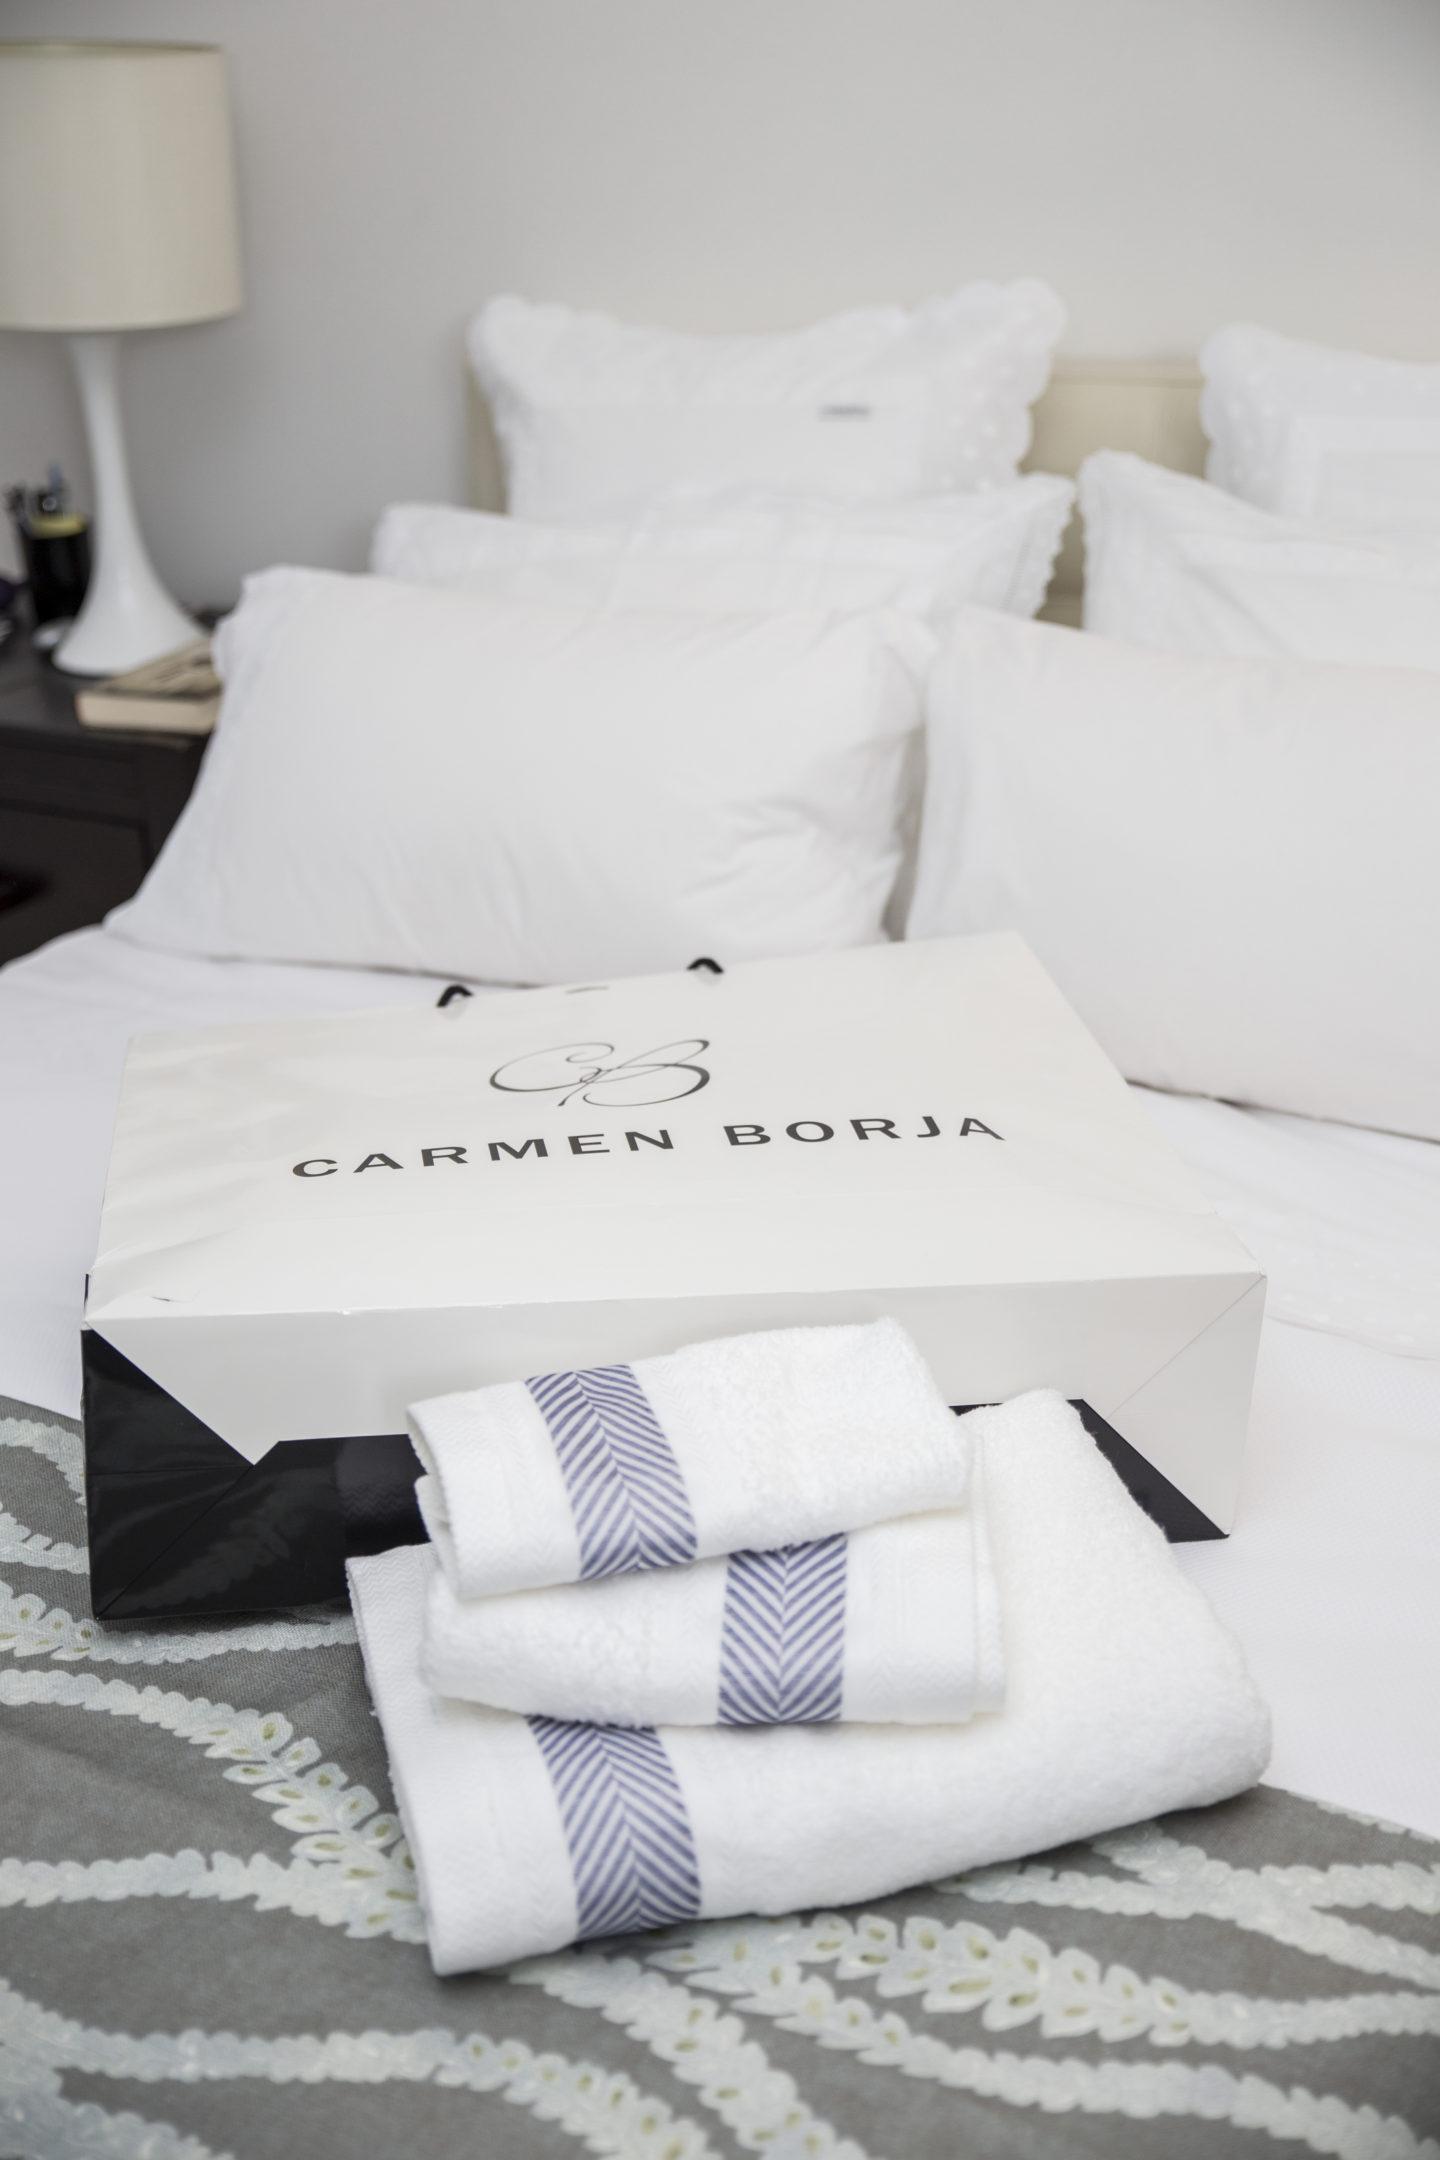 miami-based-blogger-chuky-reyna-bed-carmen-borja-bed-garments